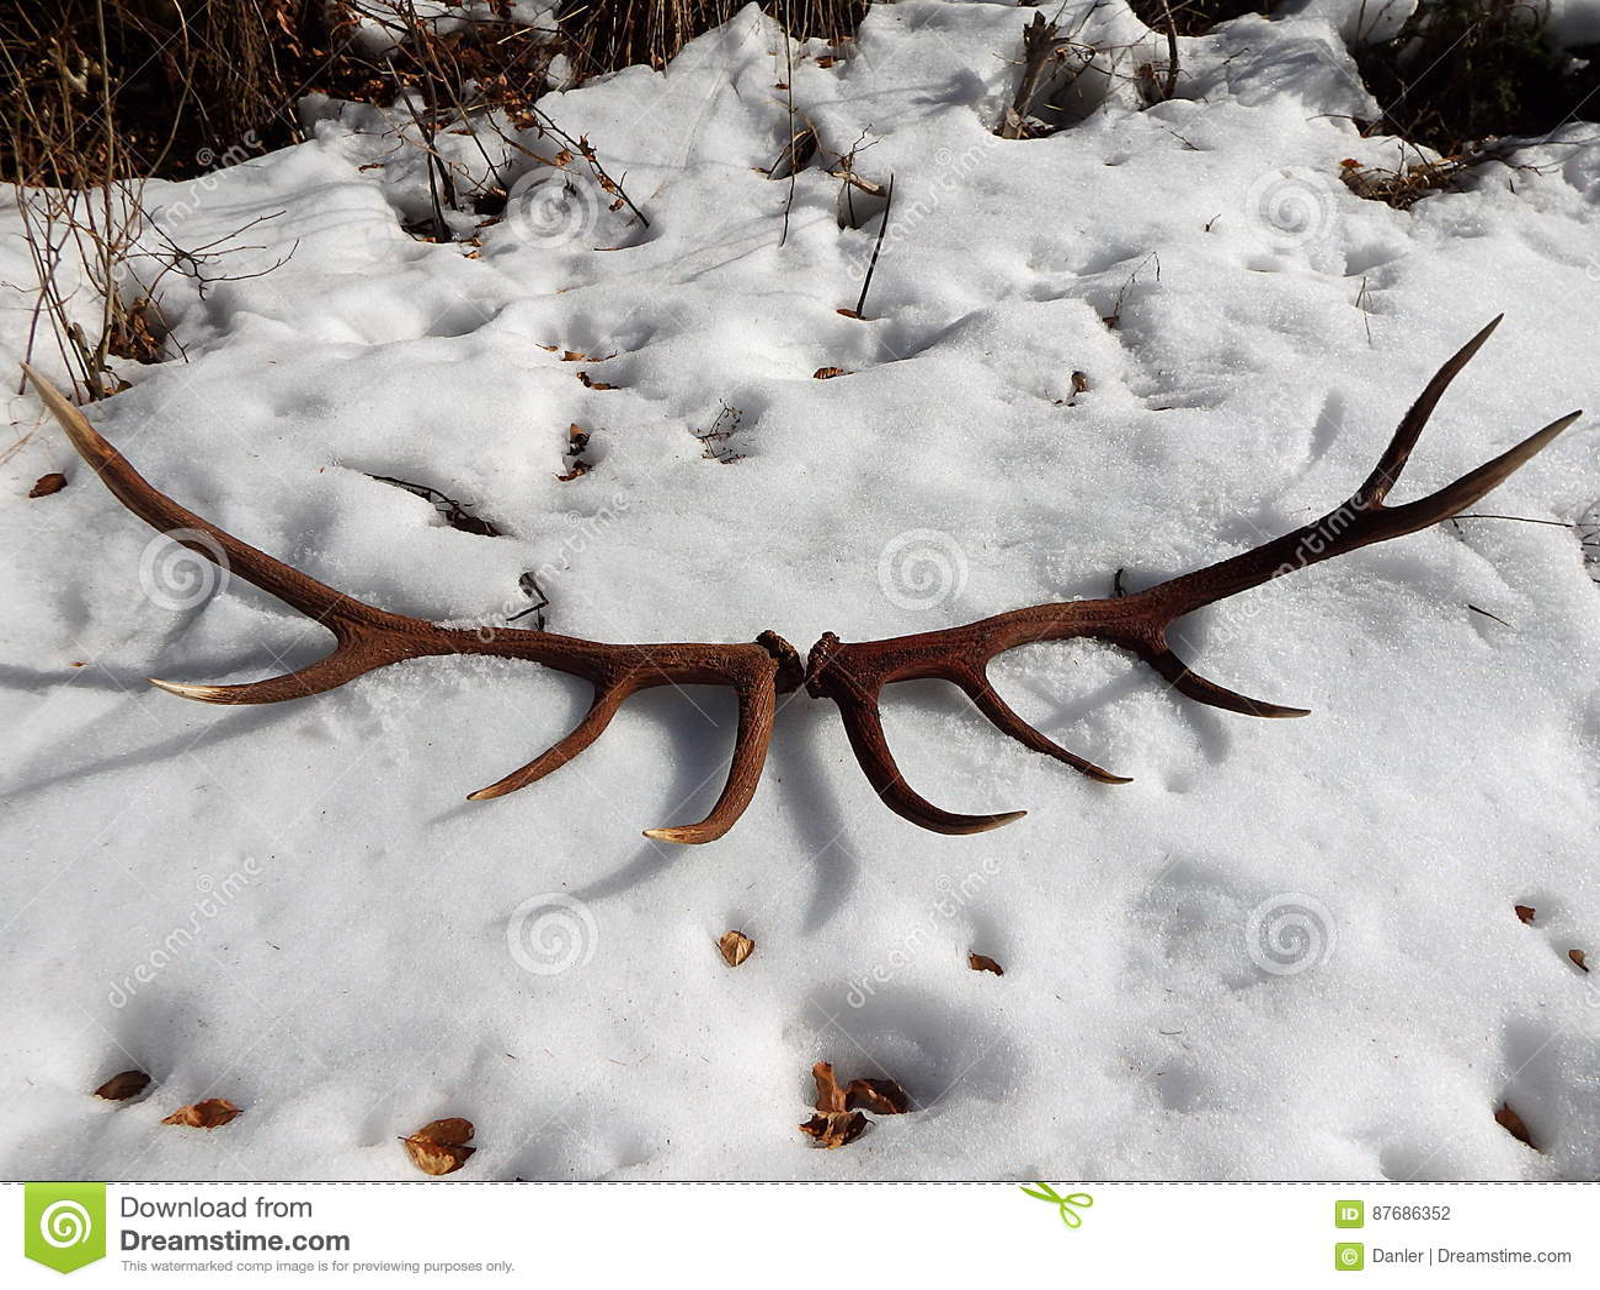 Deer antlers in the snow